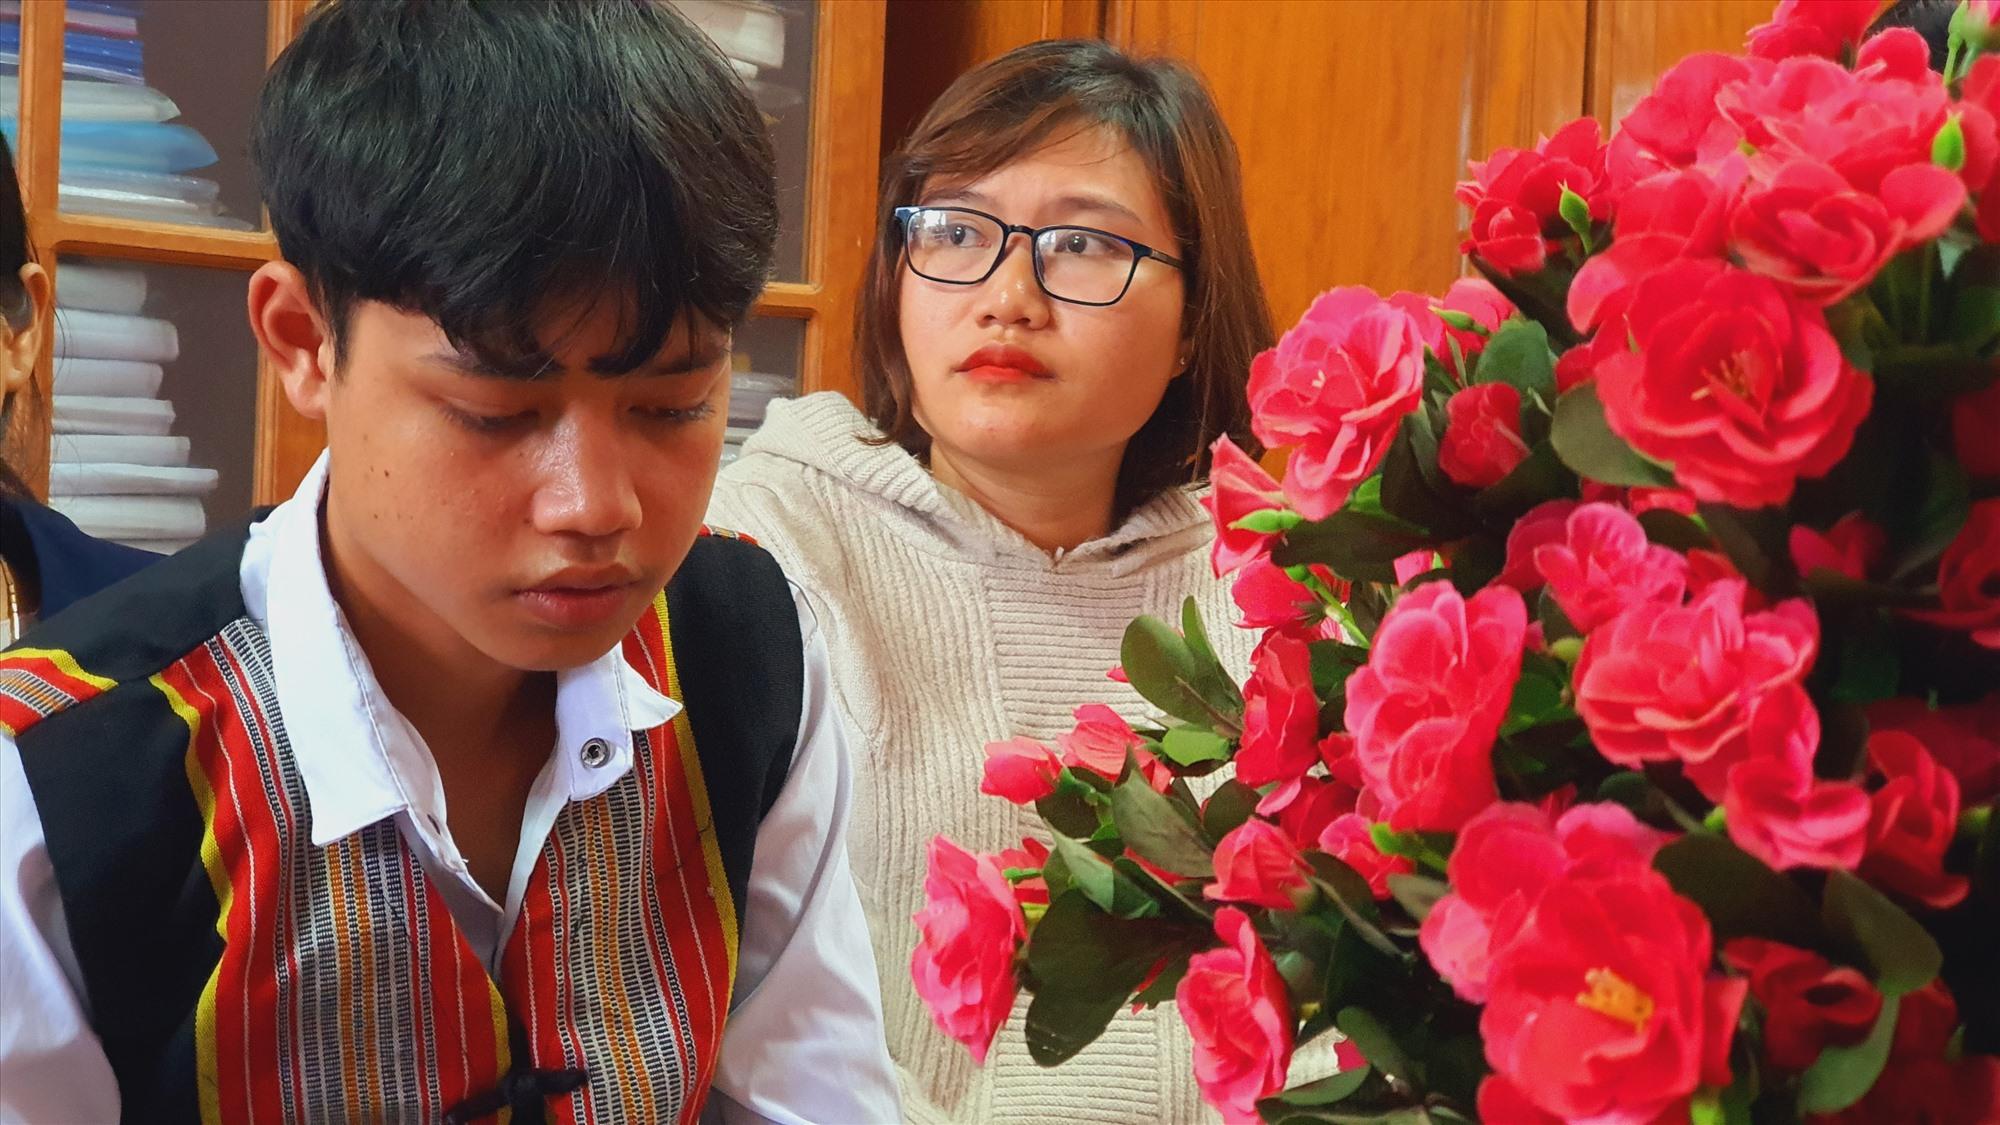 Hồ Văn Lan, học sinh lớp 10/2 trường PTDT Nội trú Phước Sơn. Bên cạnh em là cô giáo Hồ Thị Thùy Dung. Ảnh: T.C